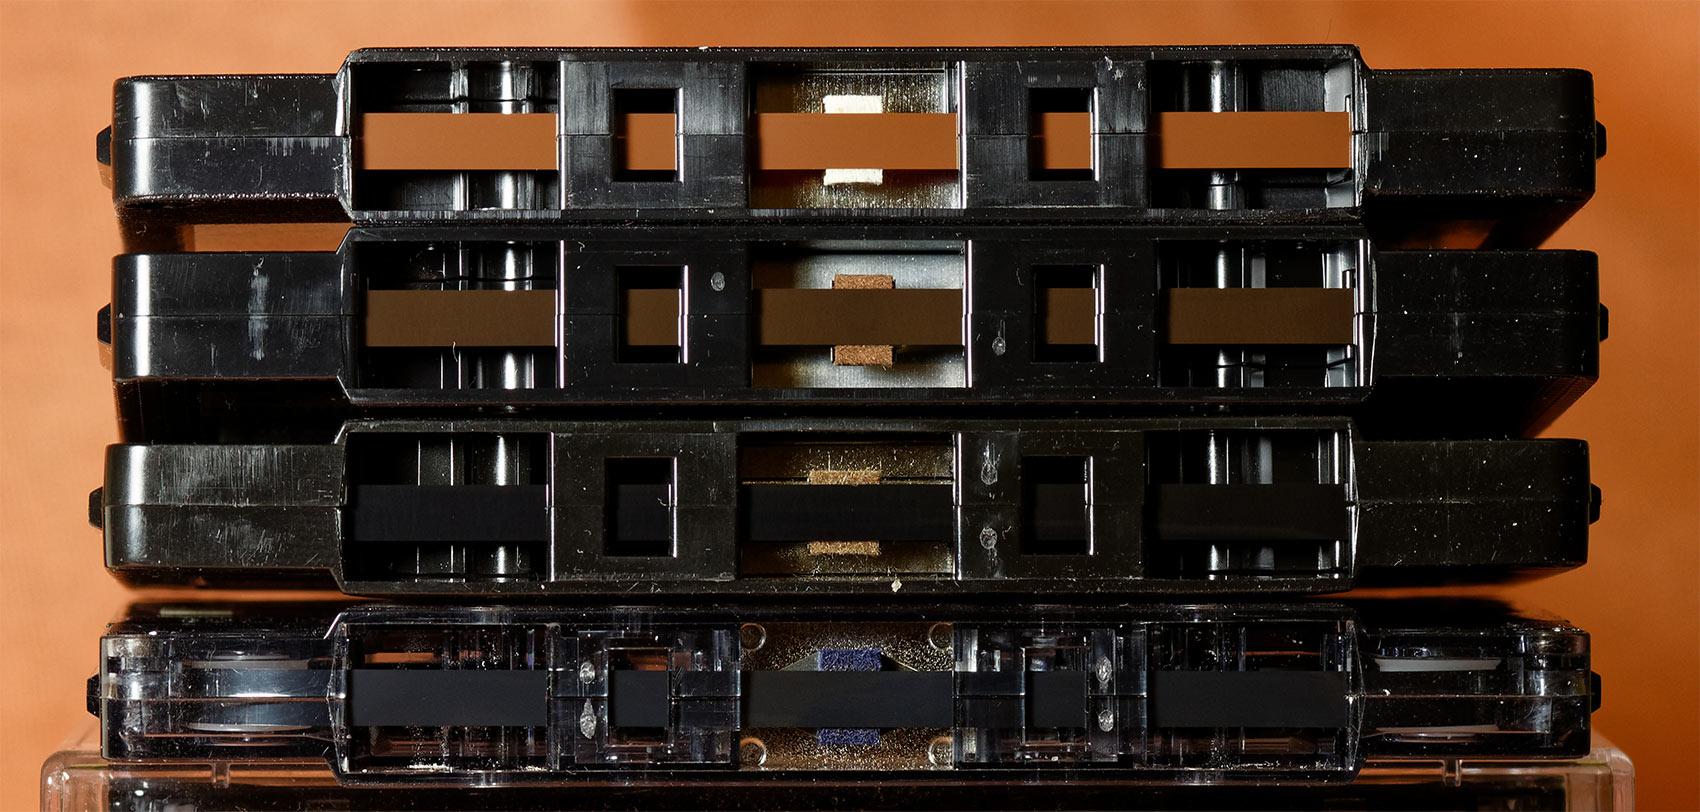 Характер звучания записи на аудиокассете зависит от использованной пленки